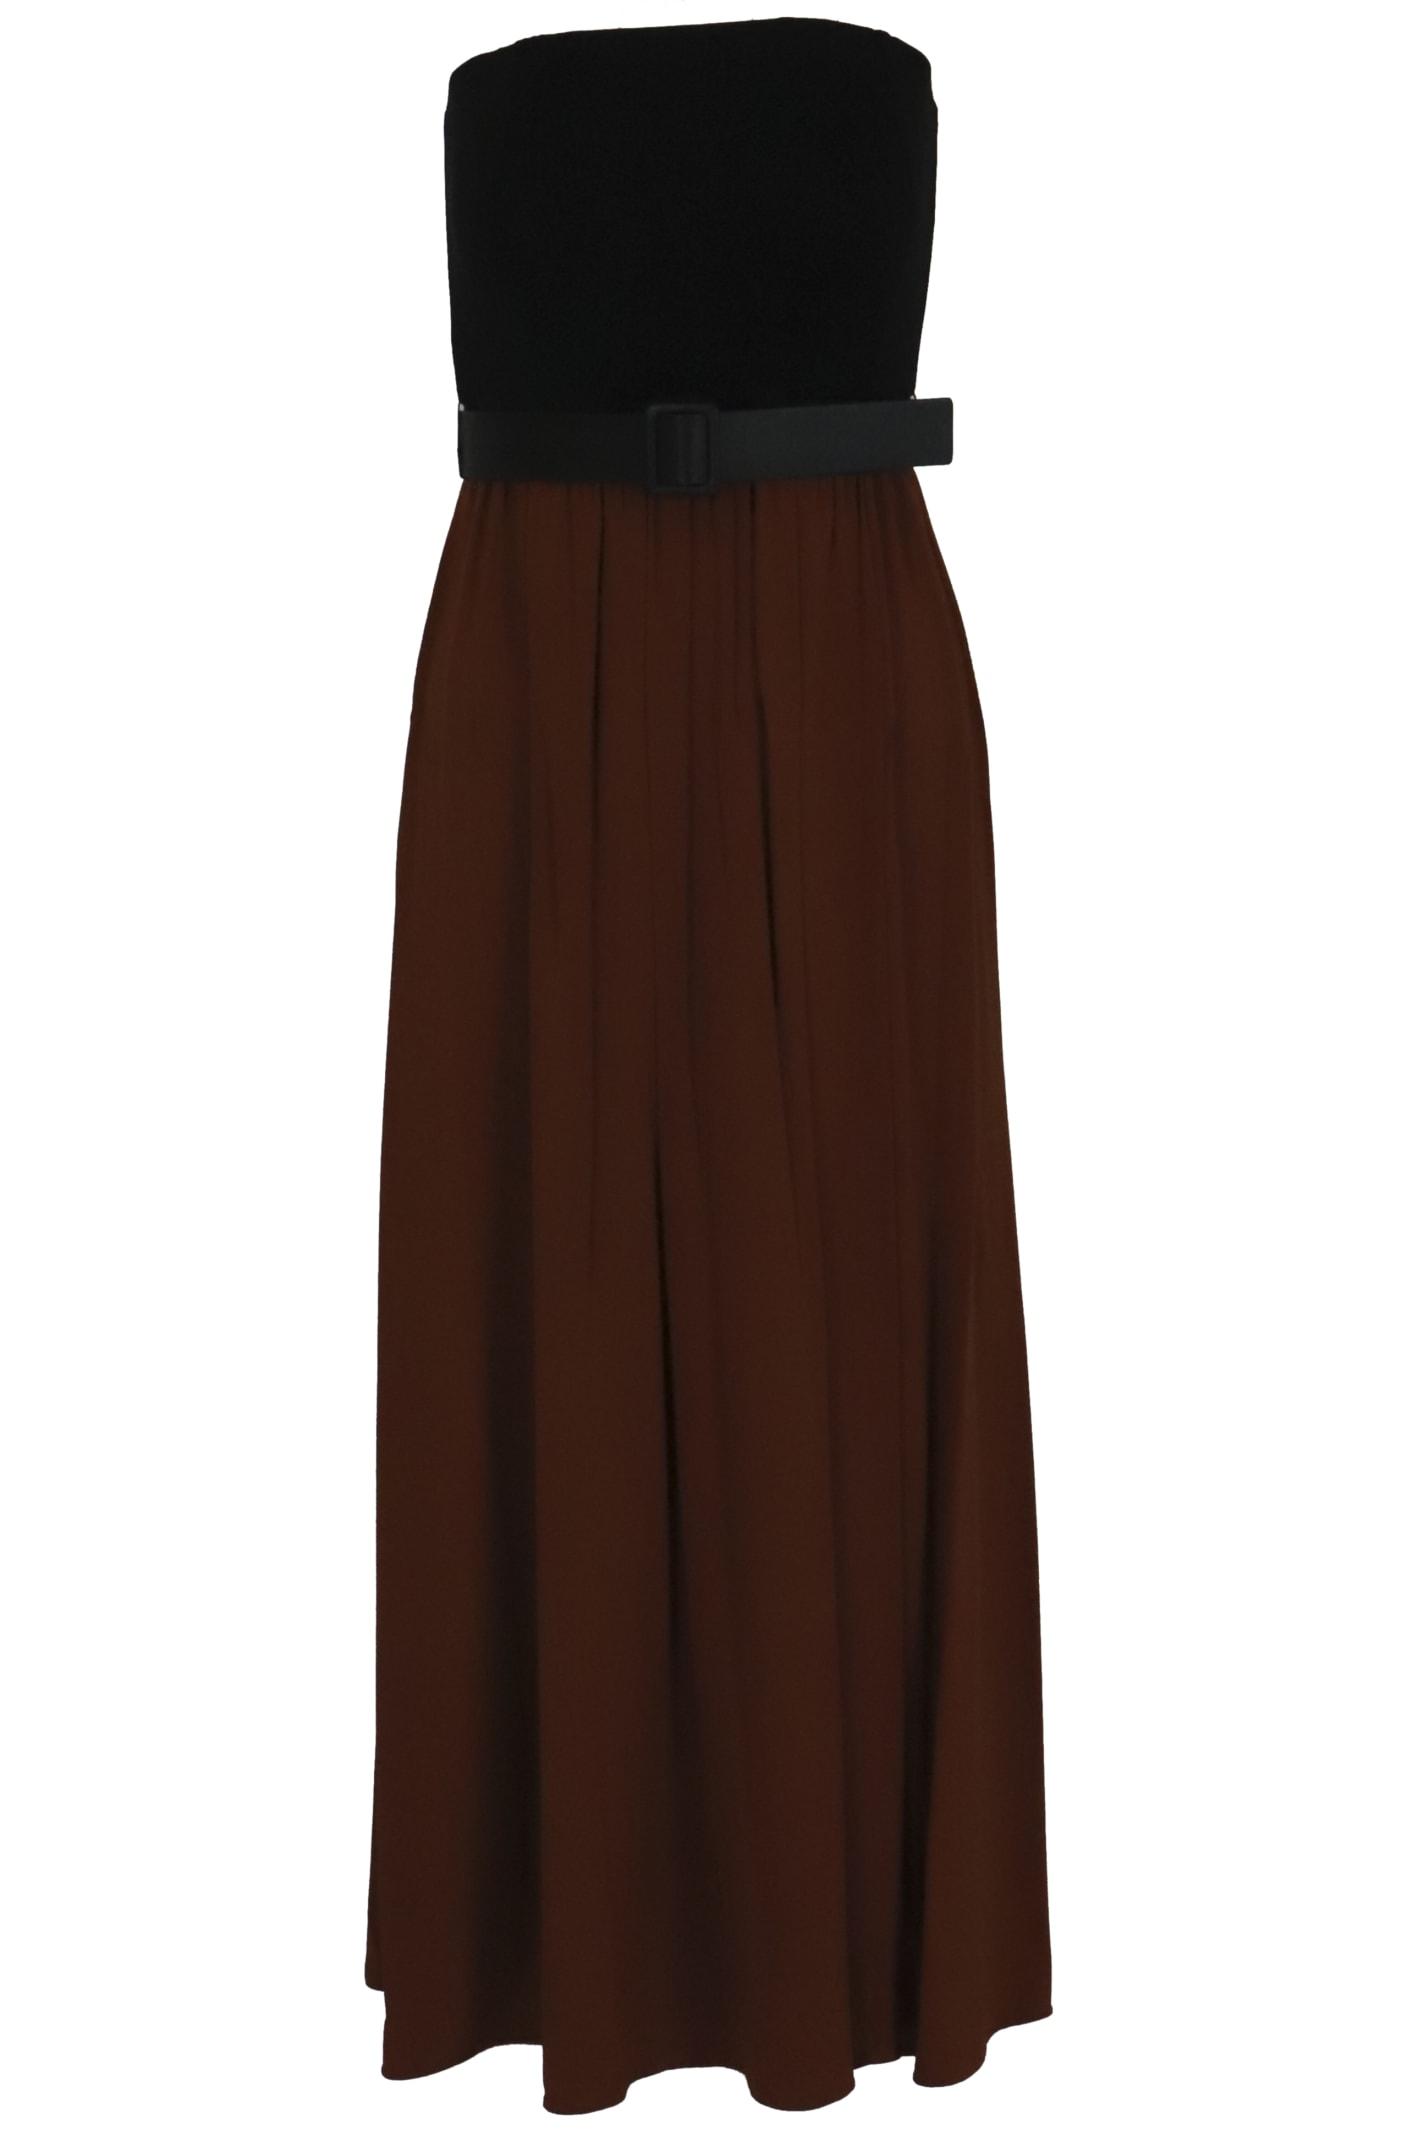 Max Mara Studio Gitano Dress